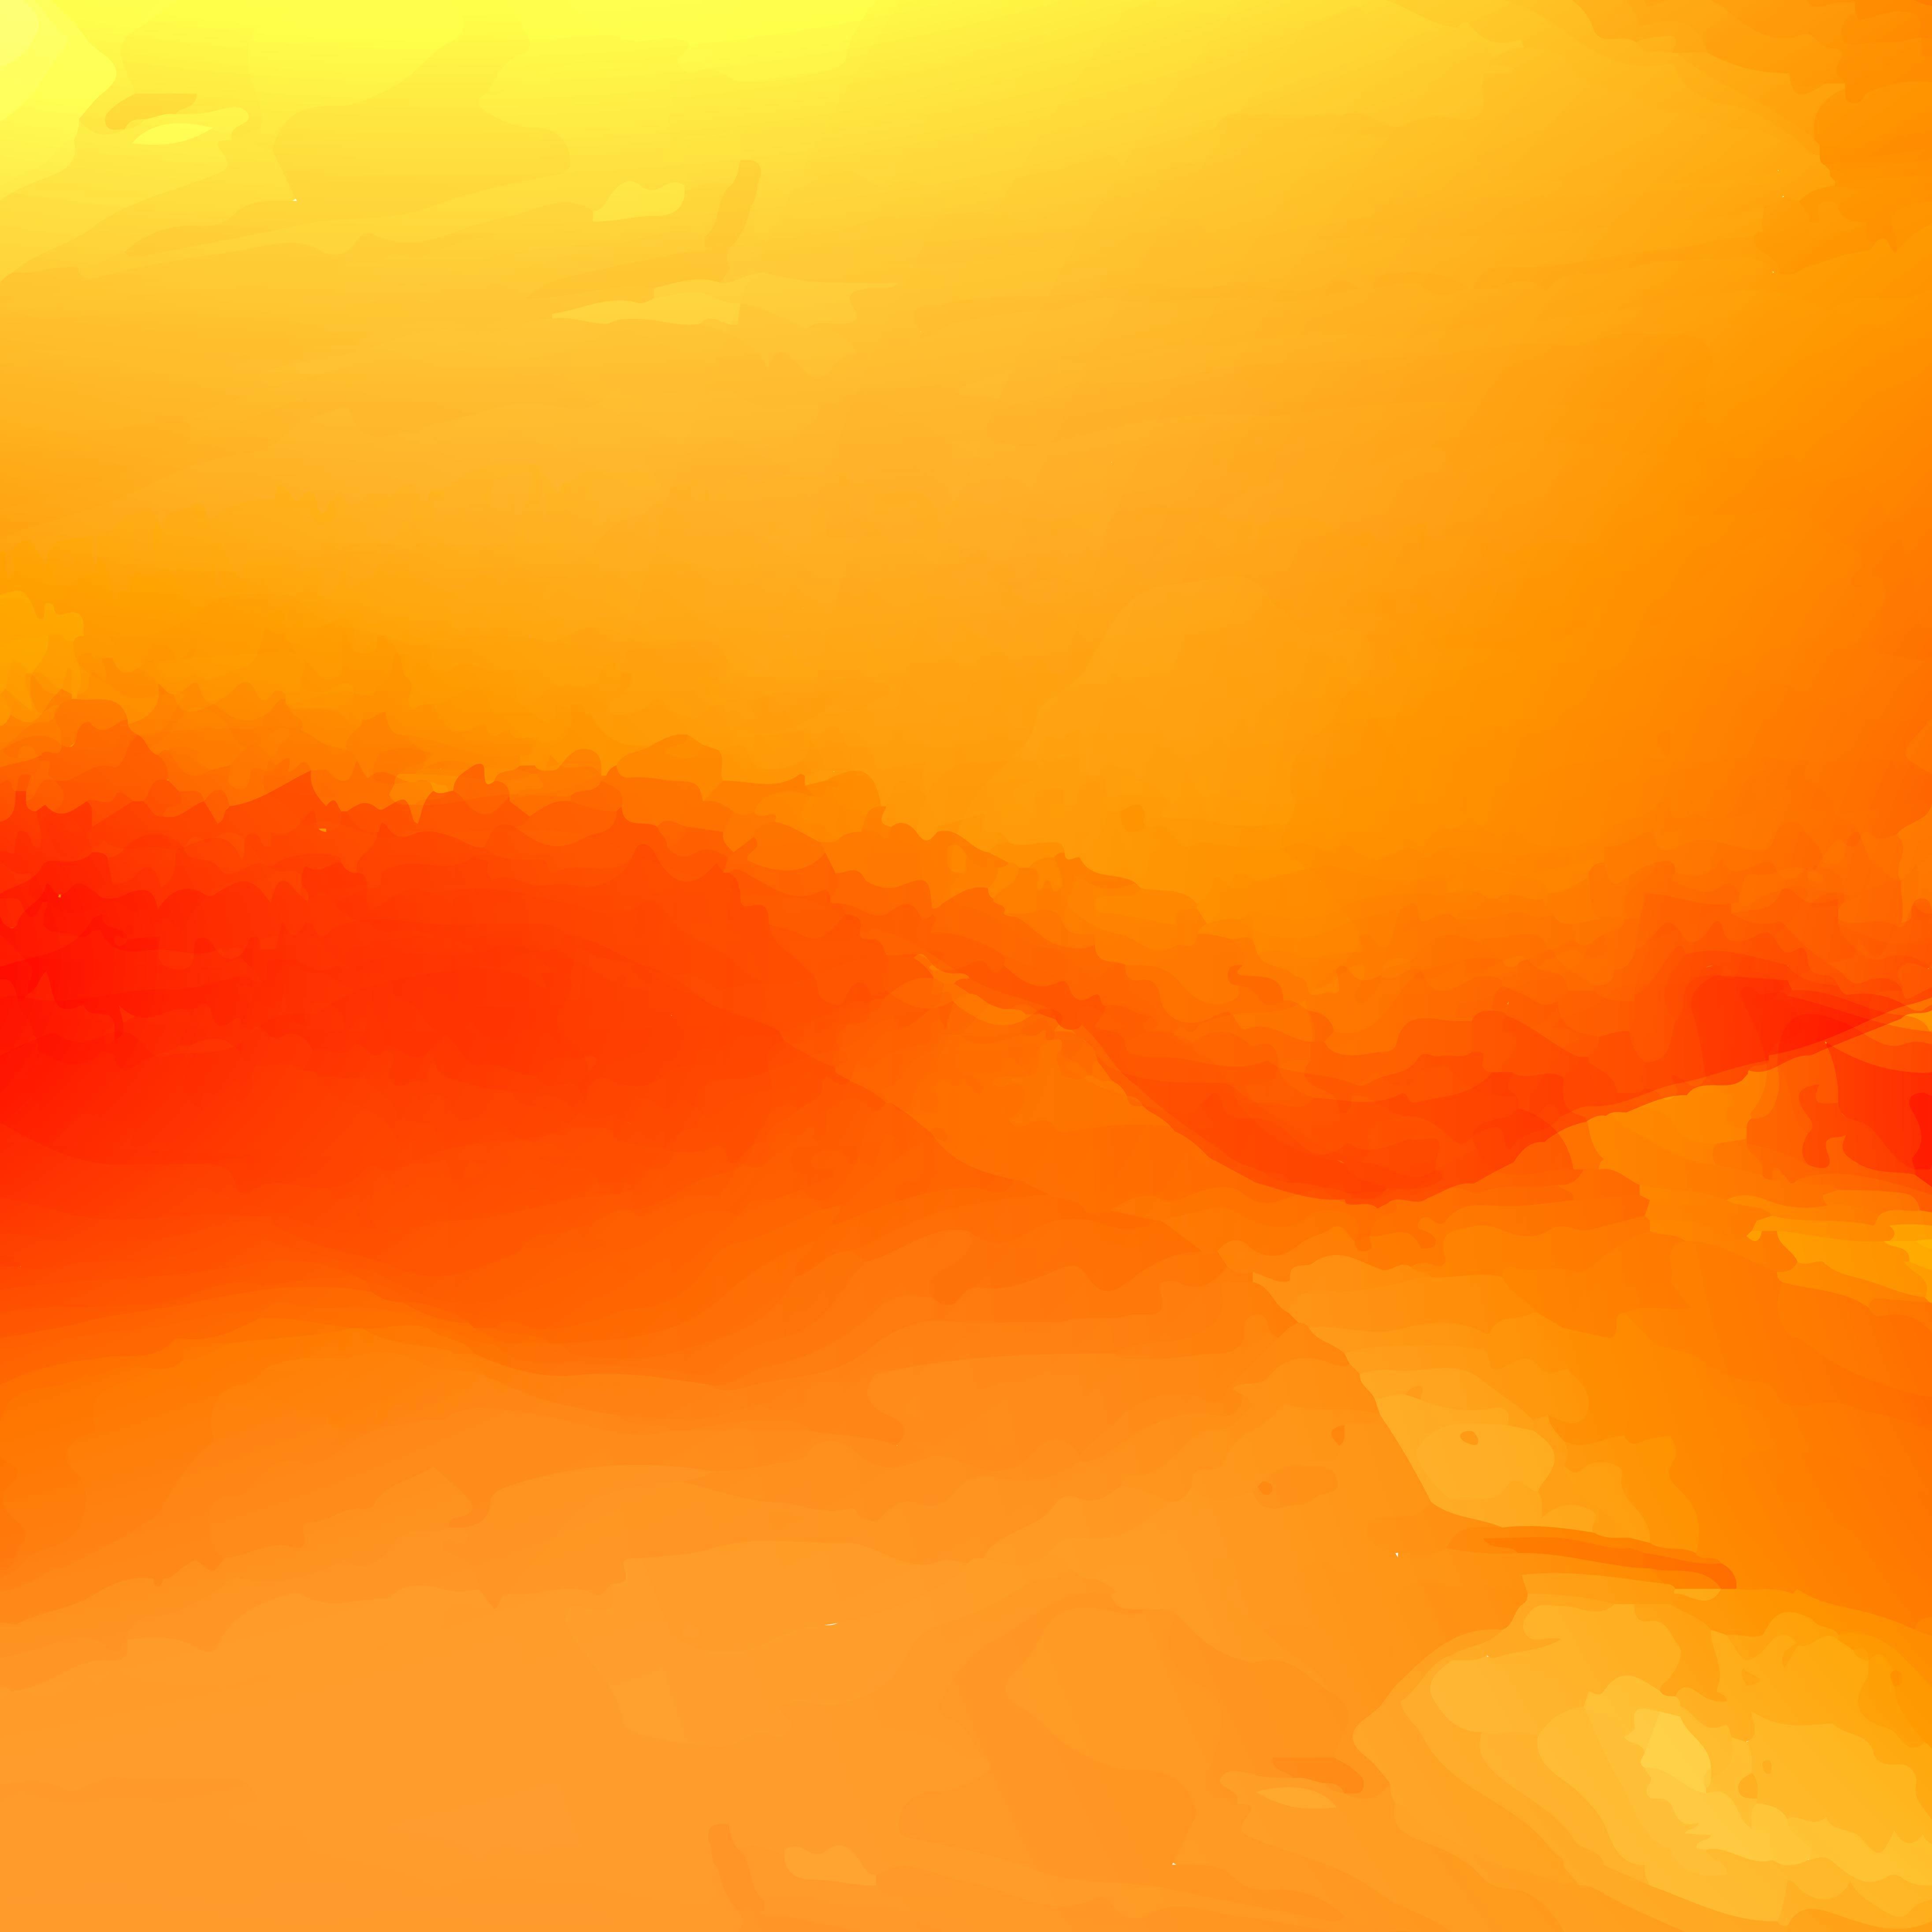 Acrílico Aquarela Laranja Amarelo Background Textura O